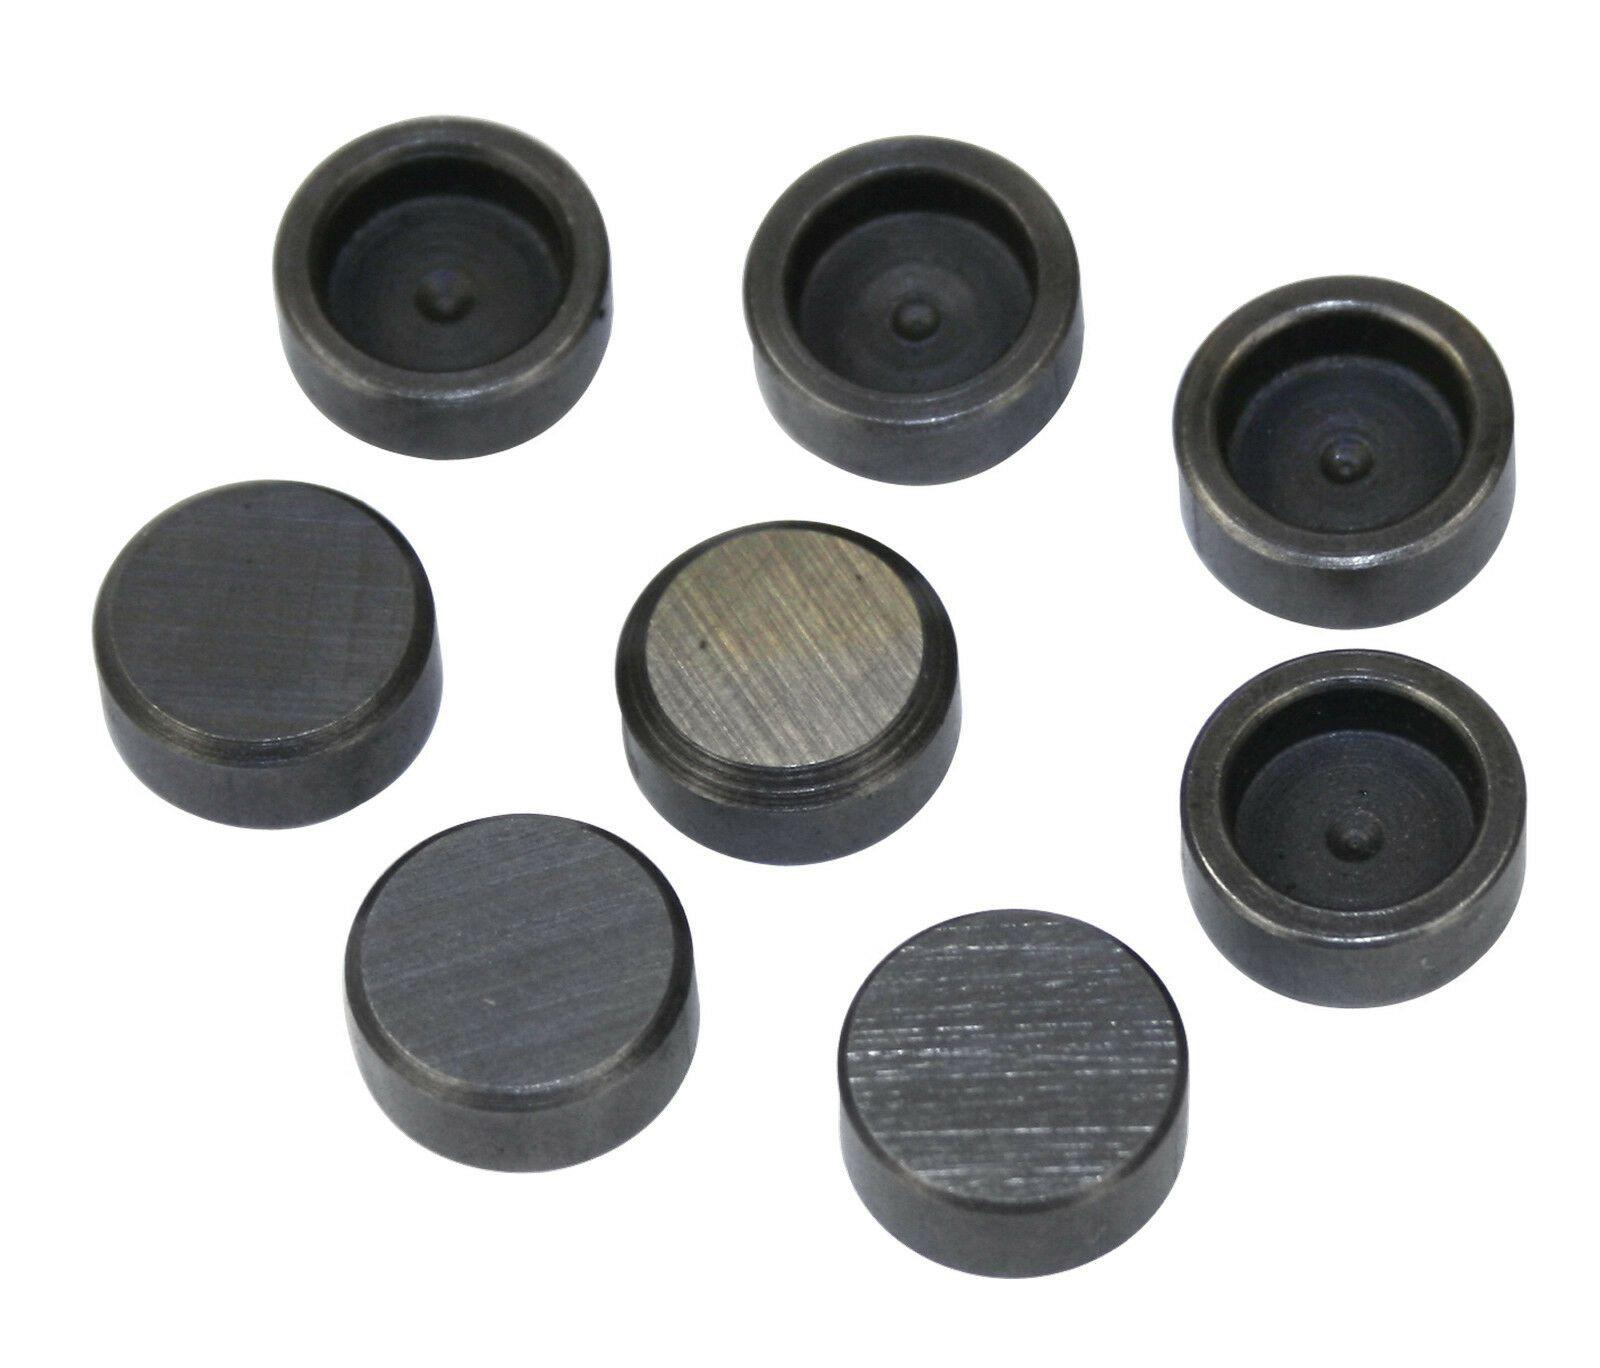 Calço de válvula 8mm - Jogo com 8 un. - Lash Cap - Empi  - PRO-1 Serious Performance